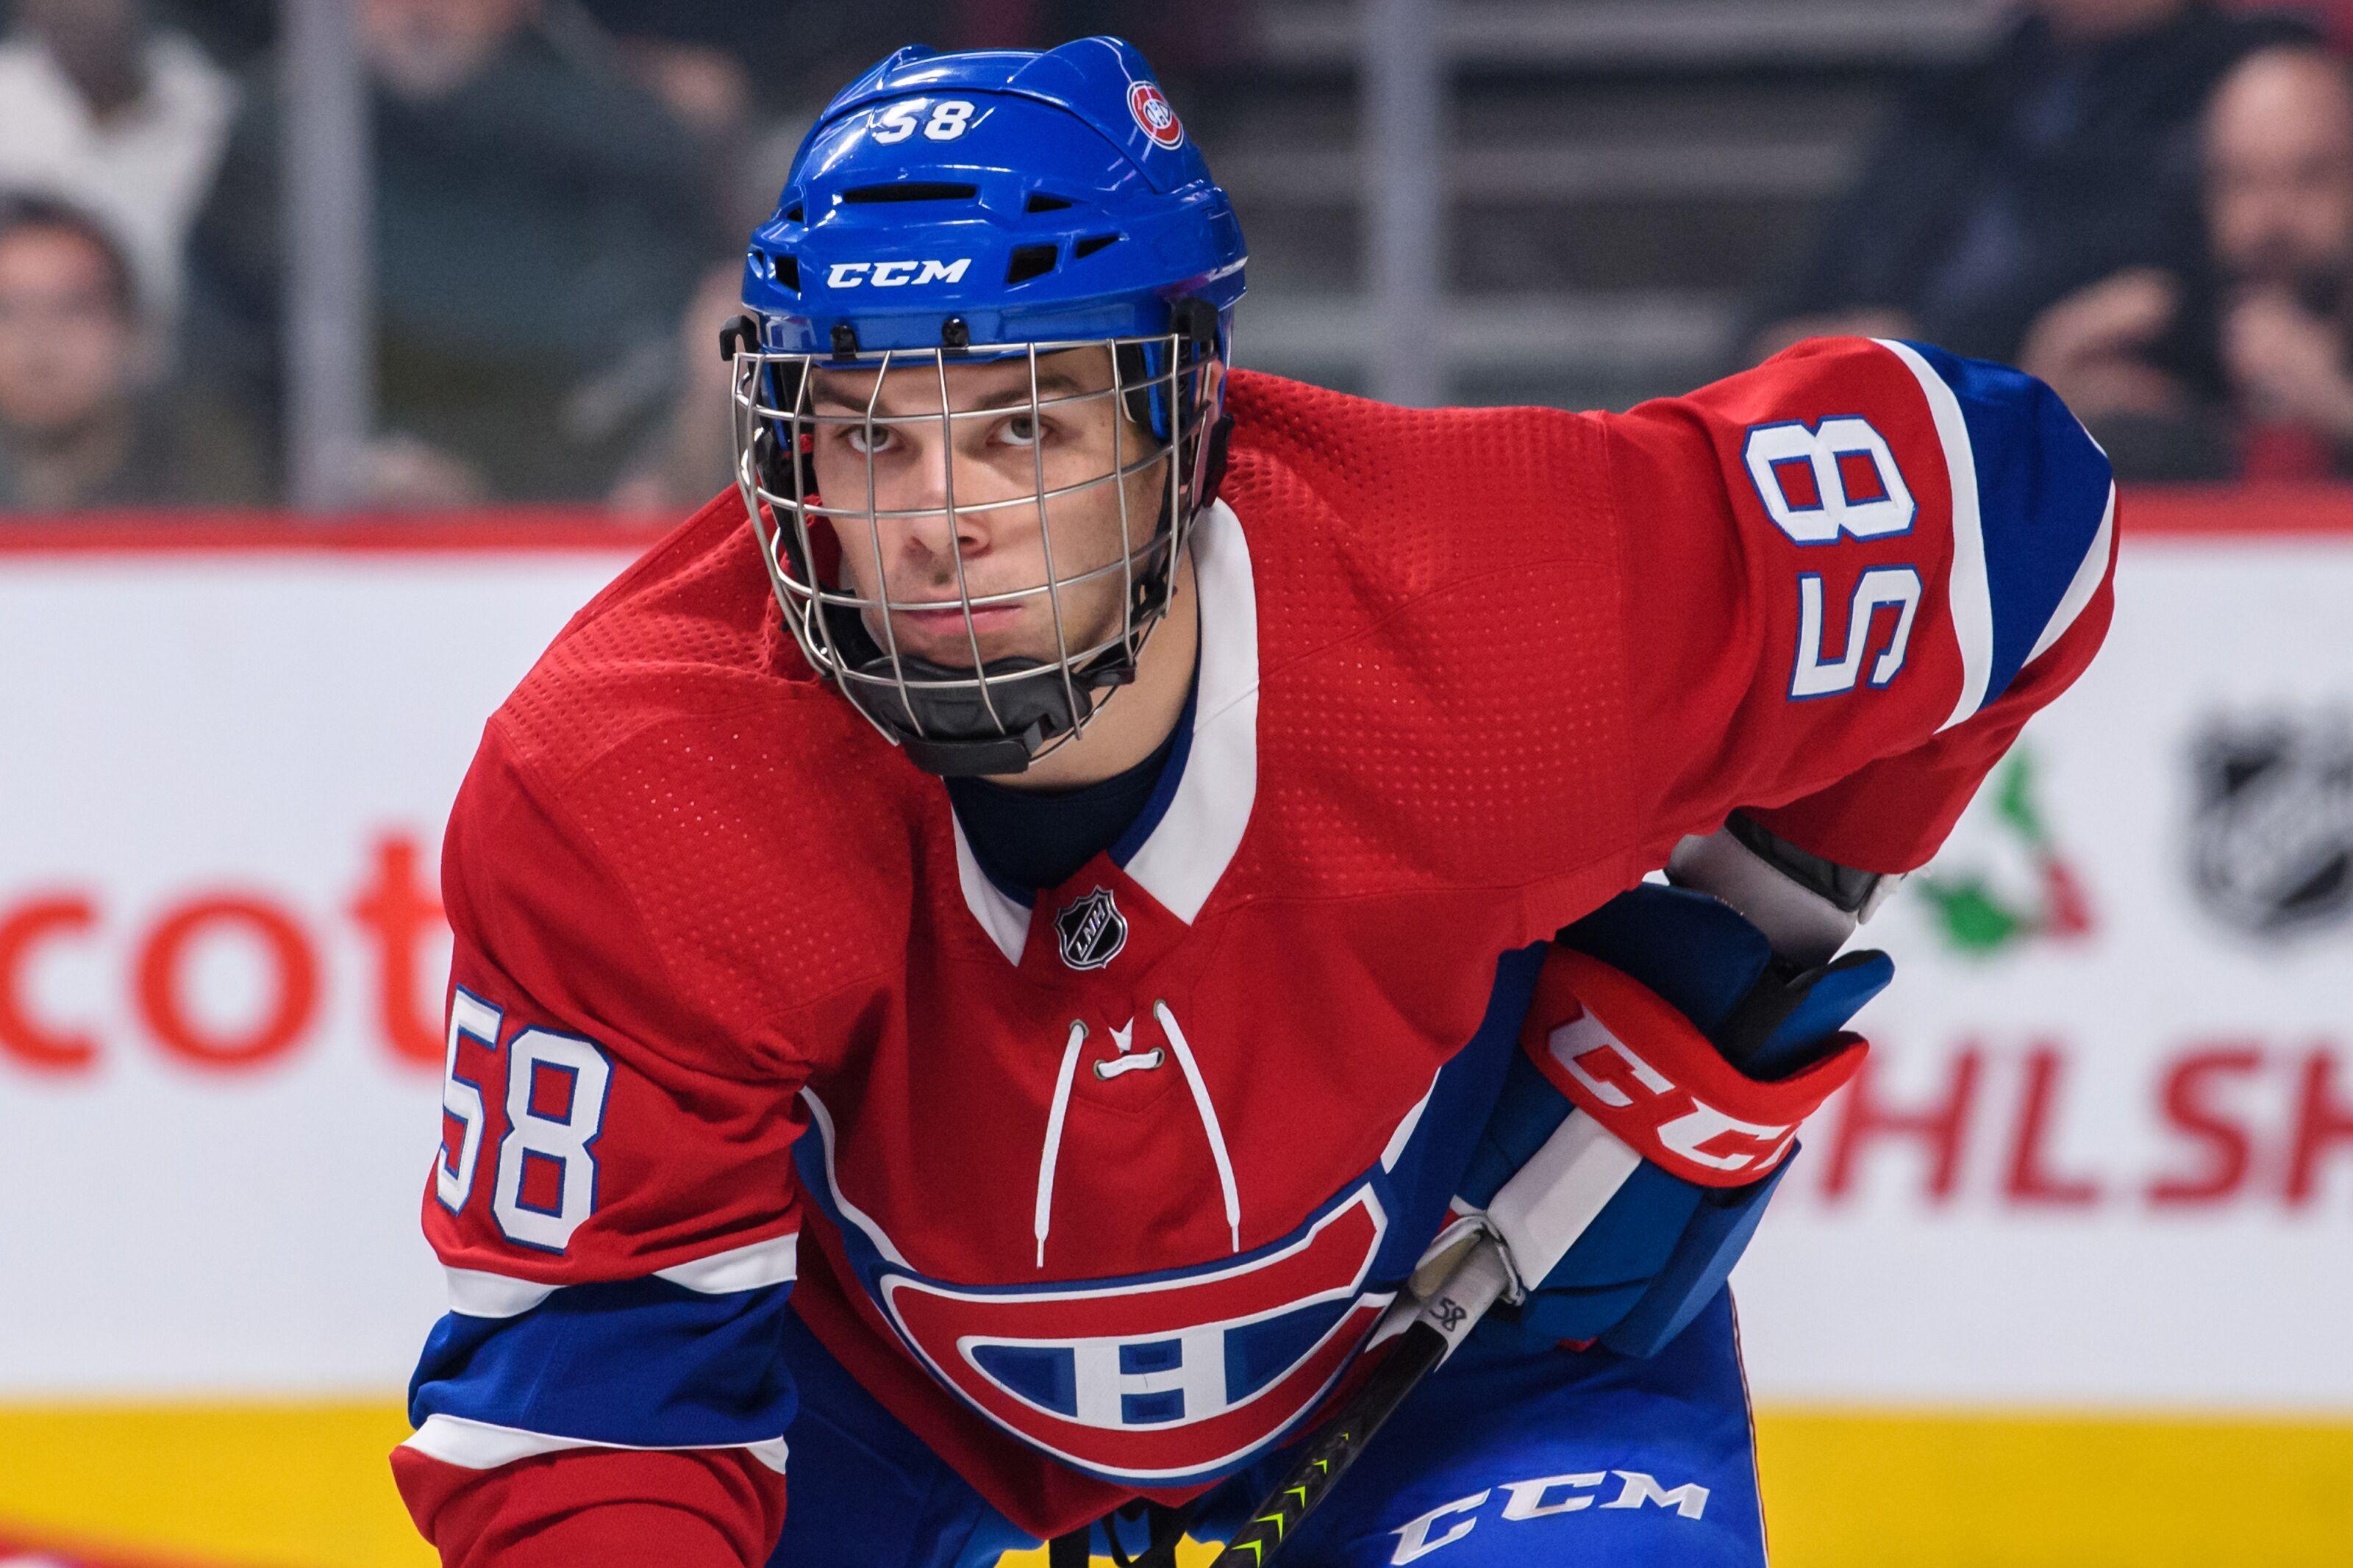 Montreal Canadiens: Is Noah Juulsen Injury Leading To Interest In Julius Honka?